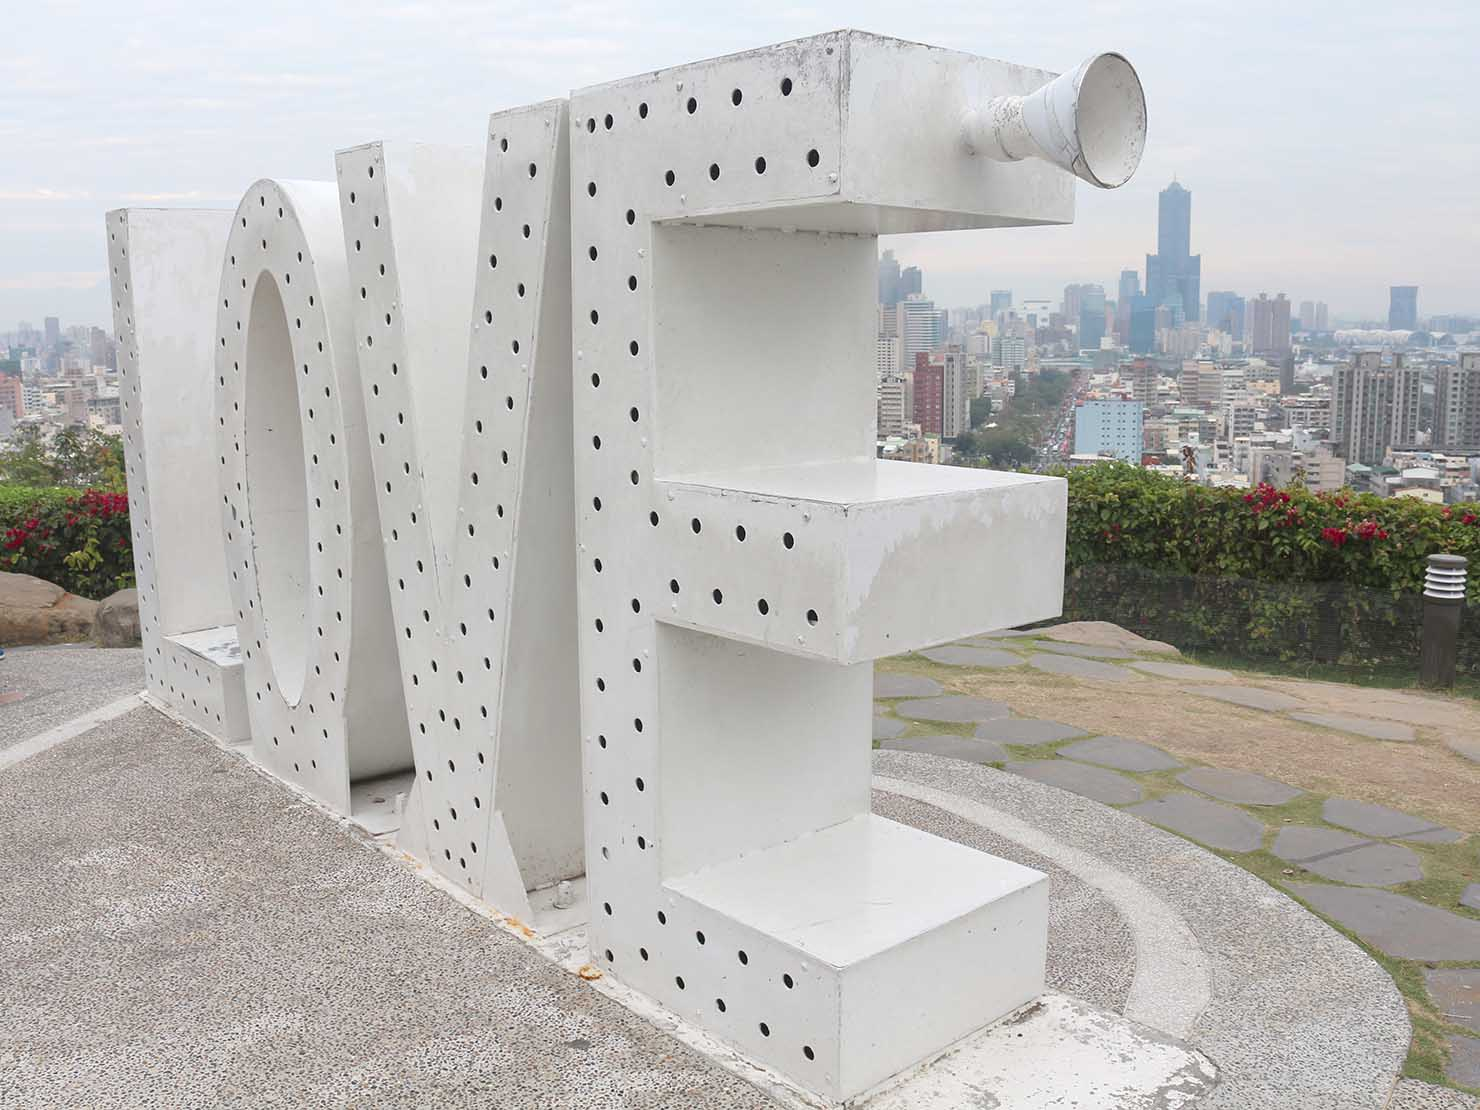 高雄のおすすめ観光スポット「西子灣」忠烈祠前の展望台